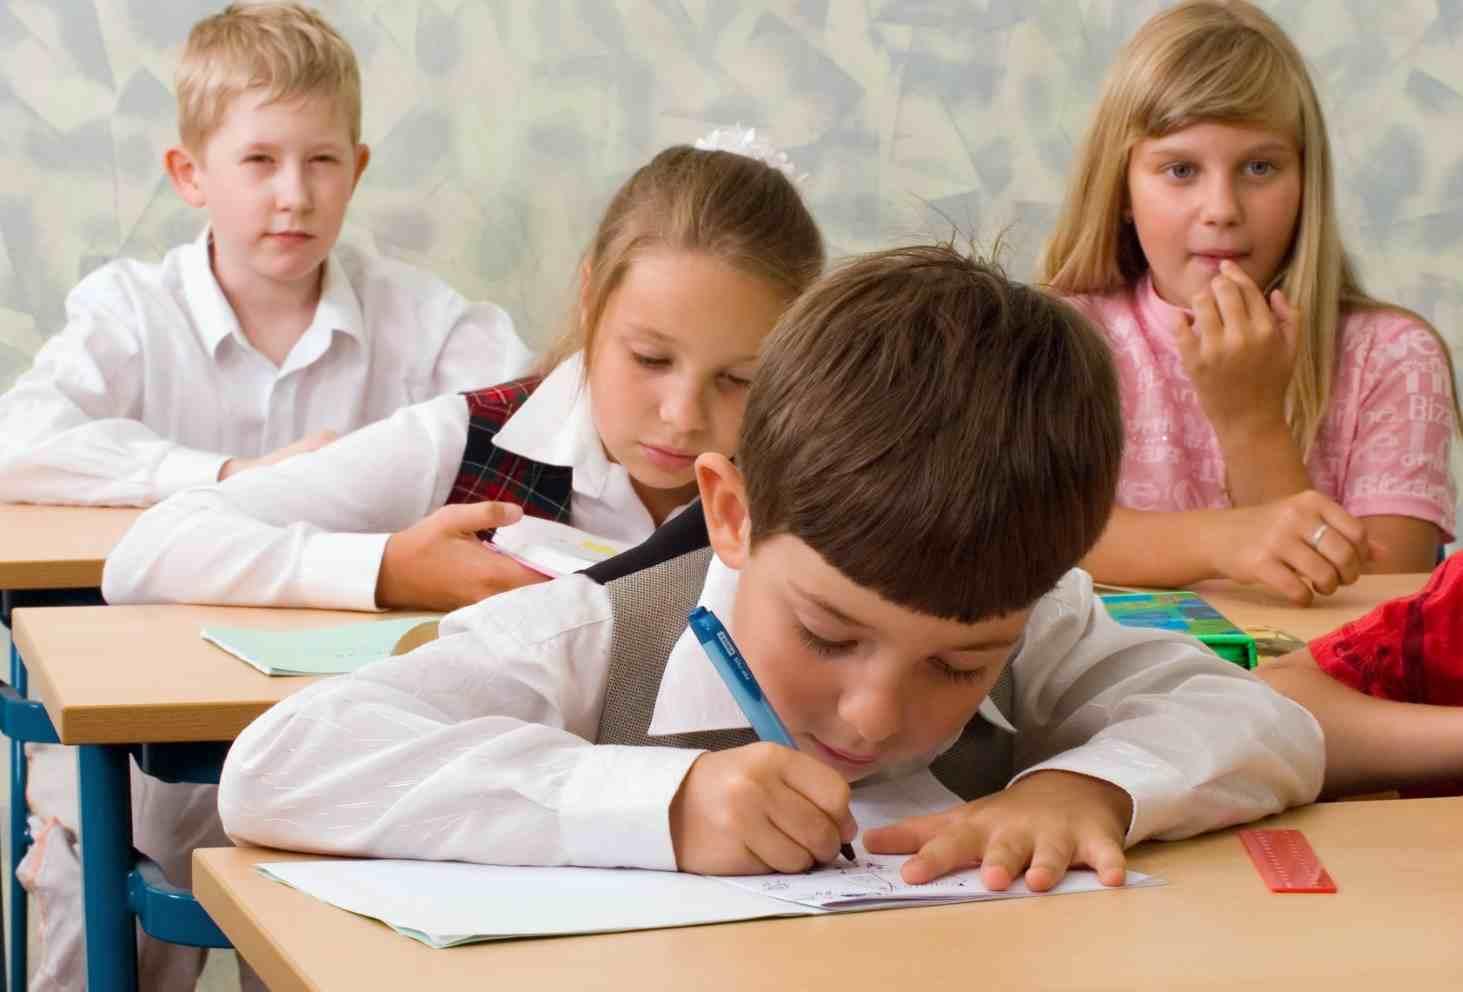 obshhestvennaya-palata-podvedet-itogi-reformy-shkolnogo-obrazovaniya